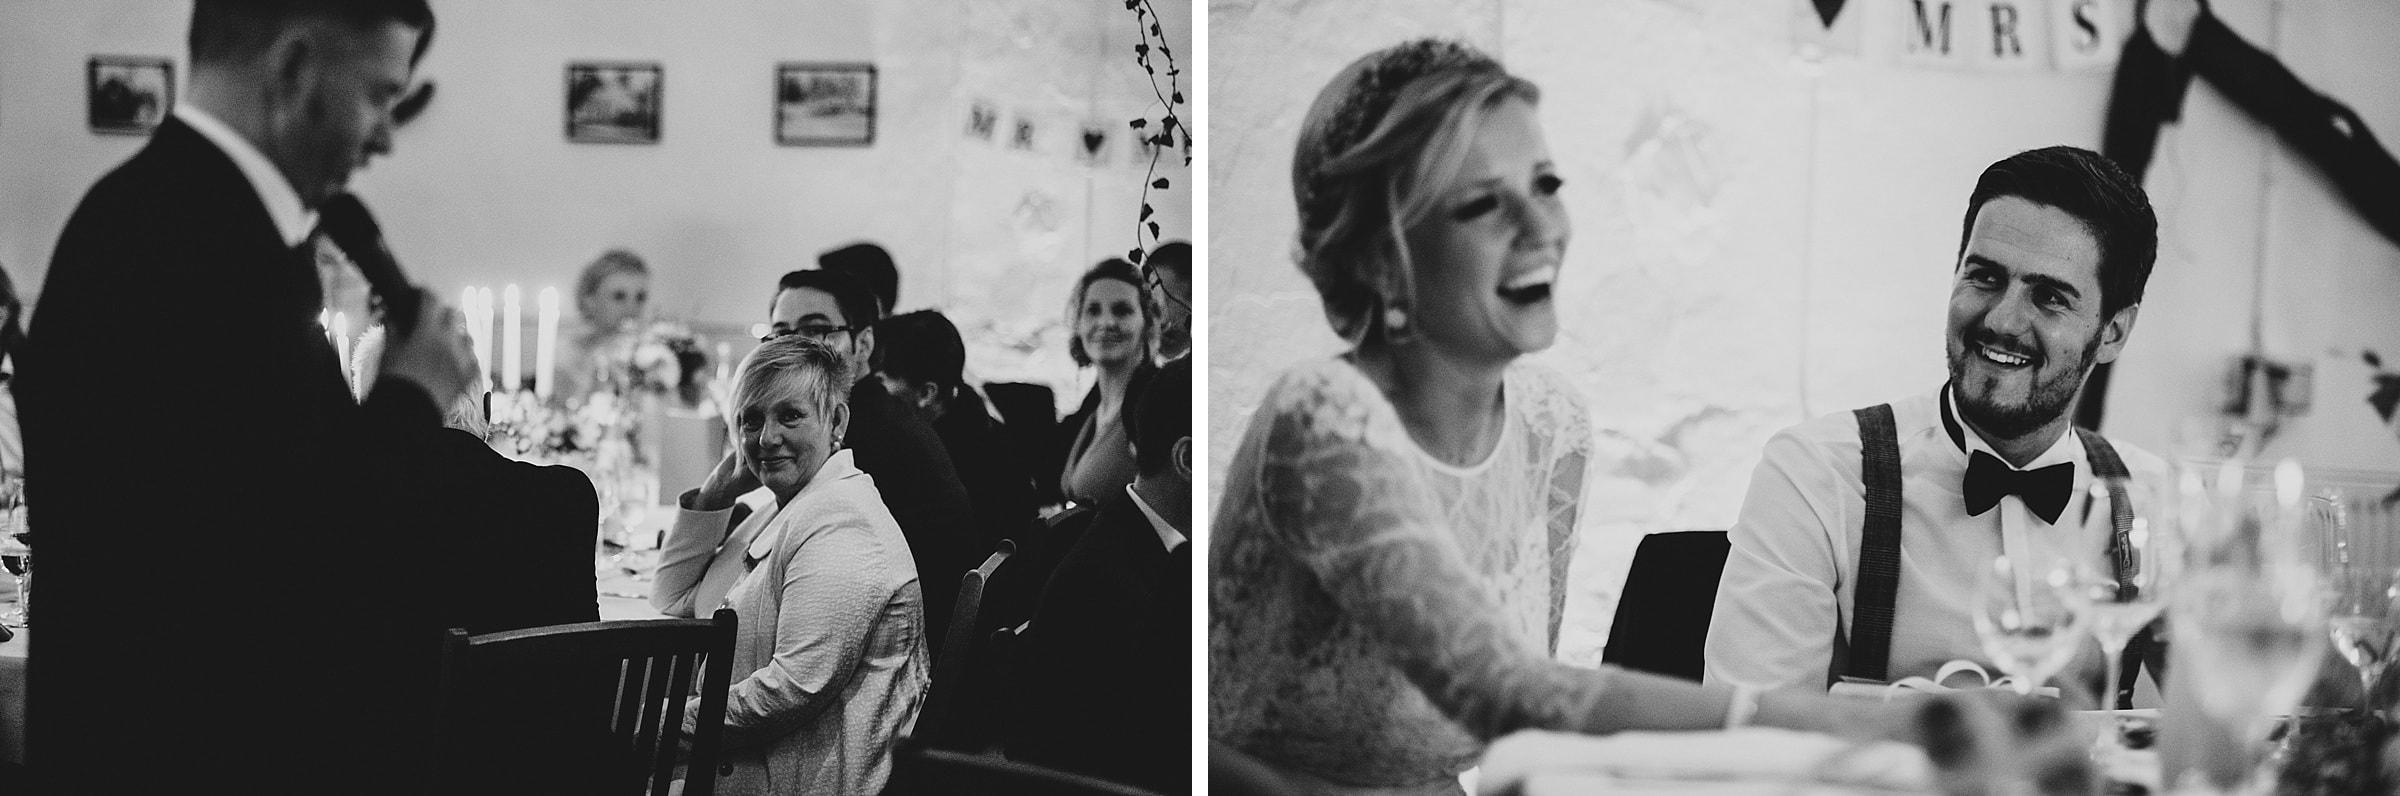 Hochzeitsfotografie Hamburg-Frau-Siemers-Gut Basthorst- Rede Bräutigamvater - Reaktion Bräutigam lacht